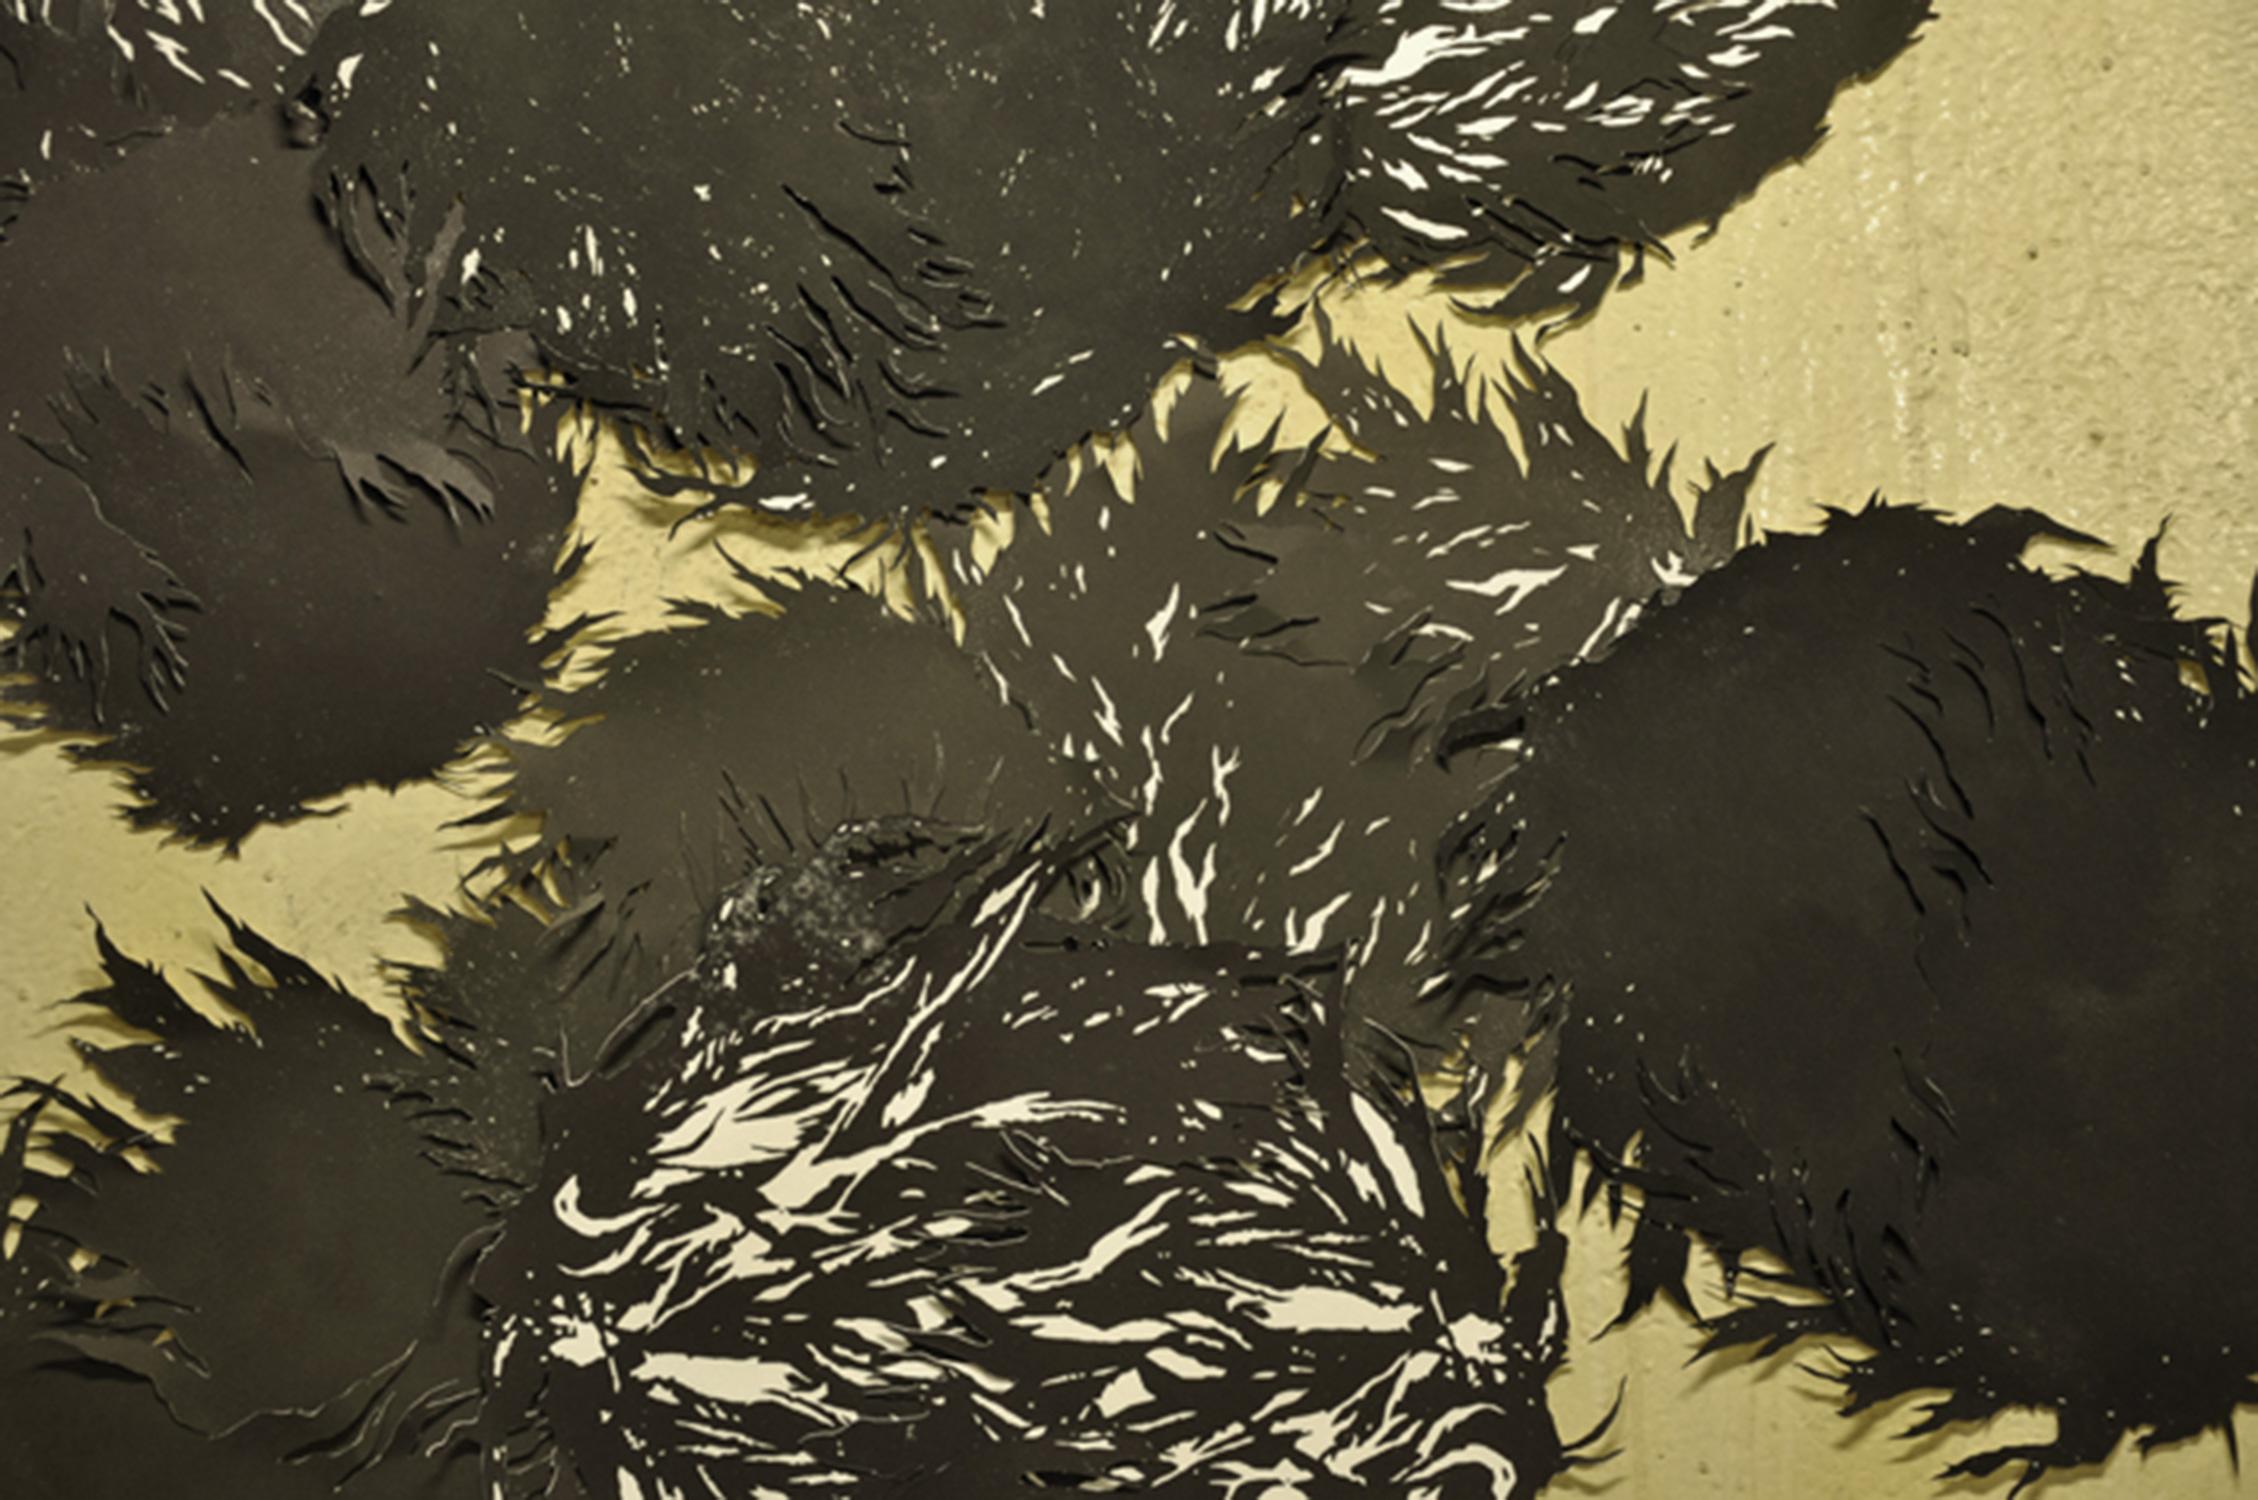 <i>Les choses noires</i>, 2010, détail